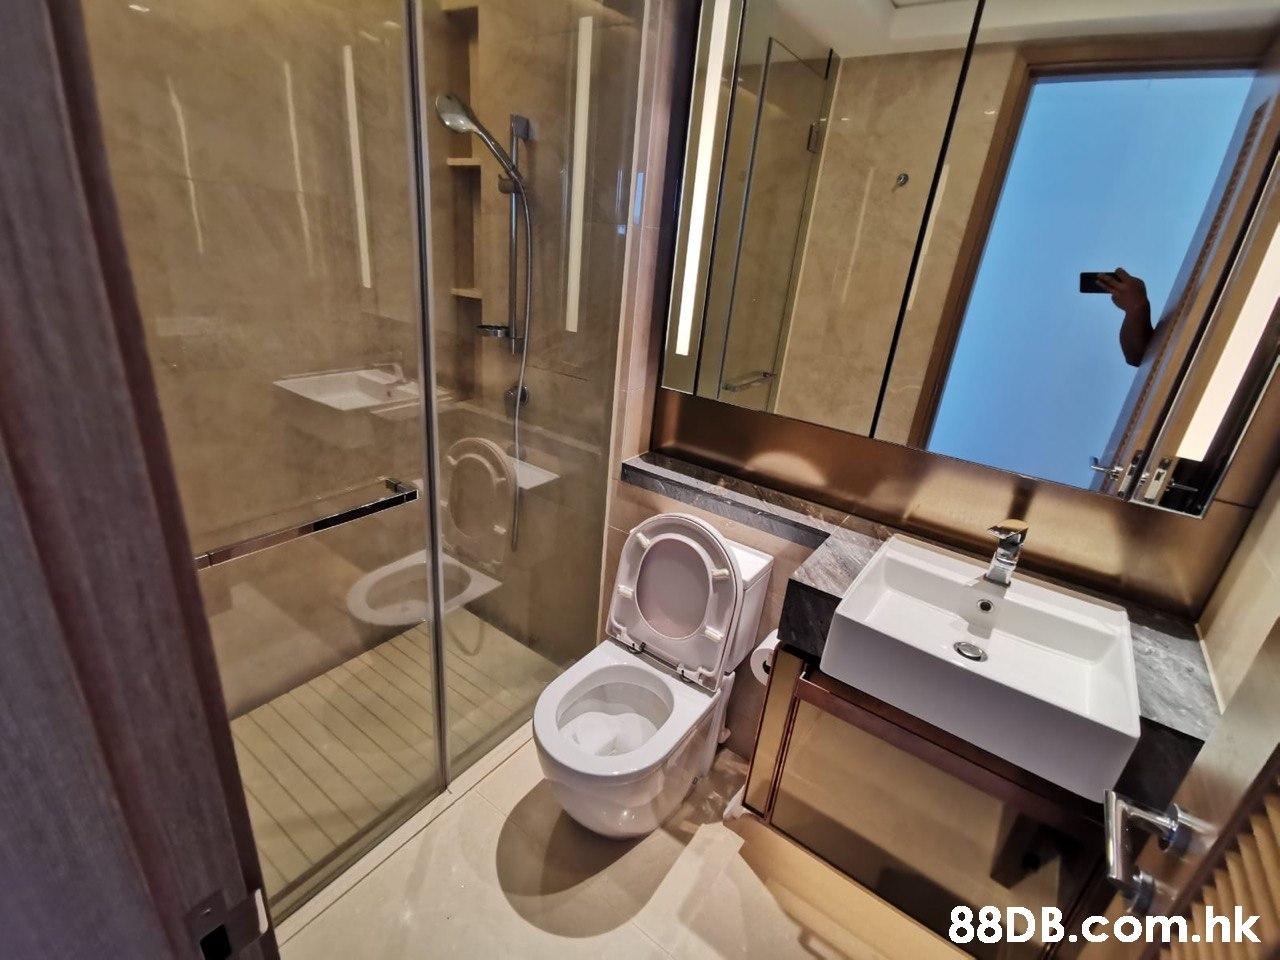 .hk  Bathroom,Property,Room,Plumbing fixture,Interior design